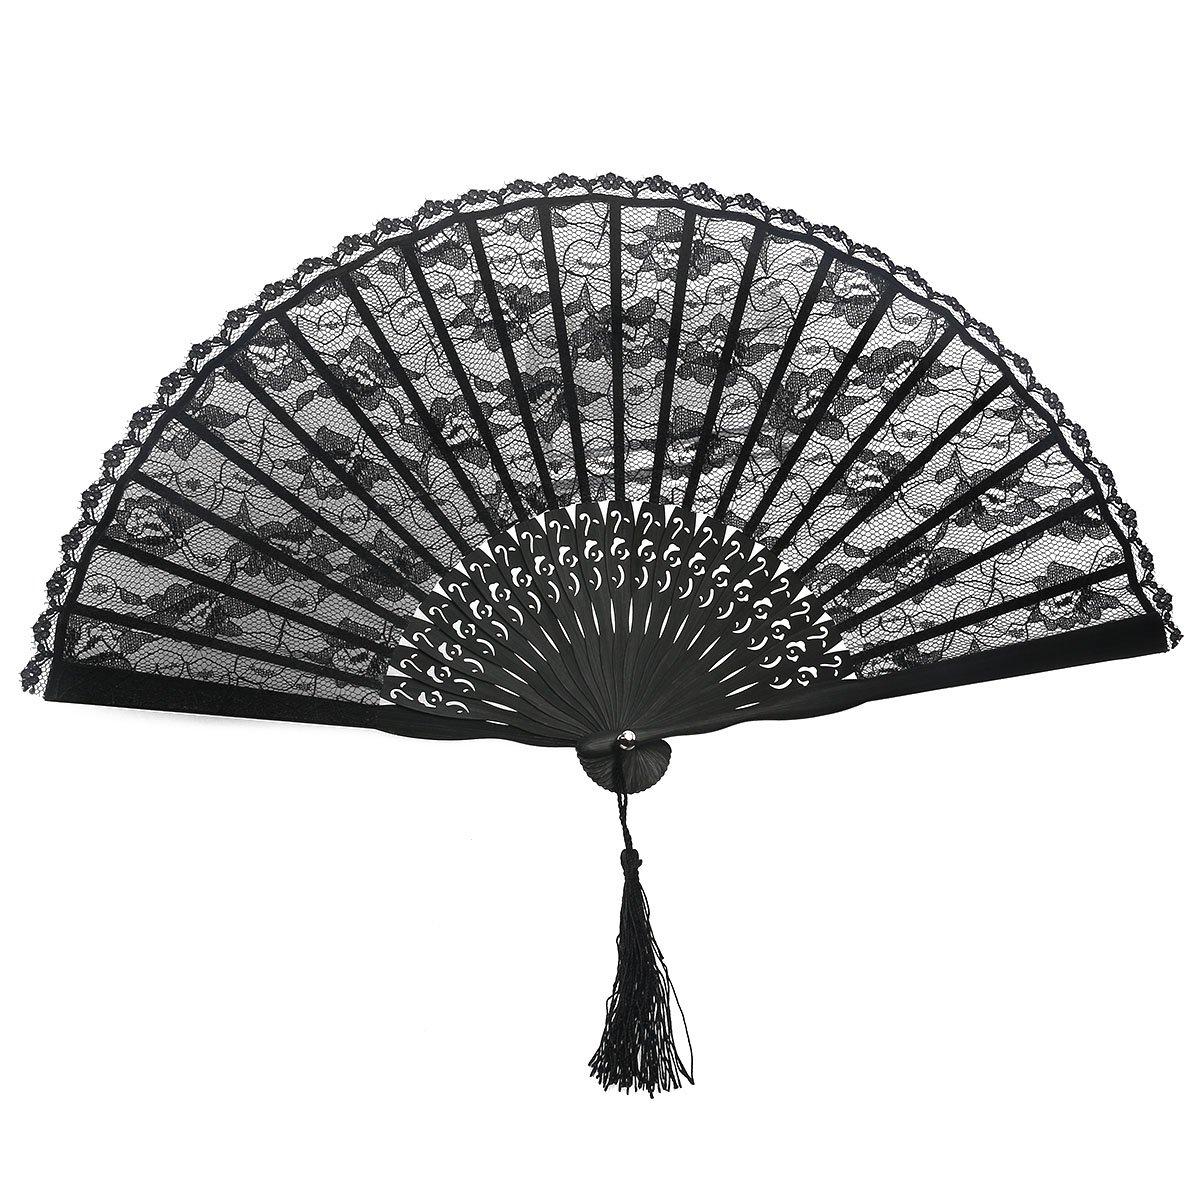 ROSENICE Hand Held Fans Folding Fan Spanish Victorian Hand Fan for Wedding Party(Black)